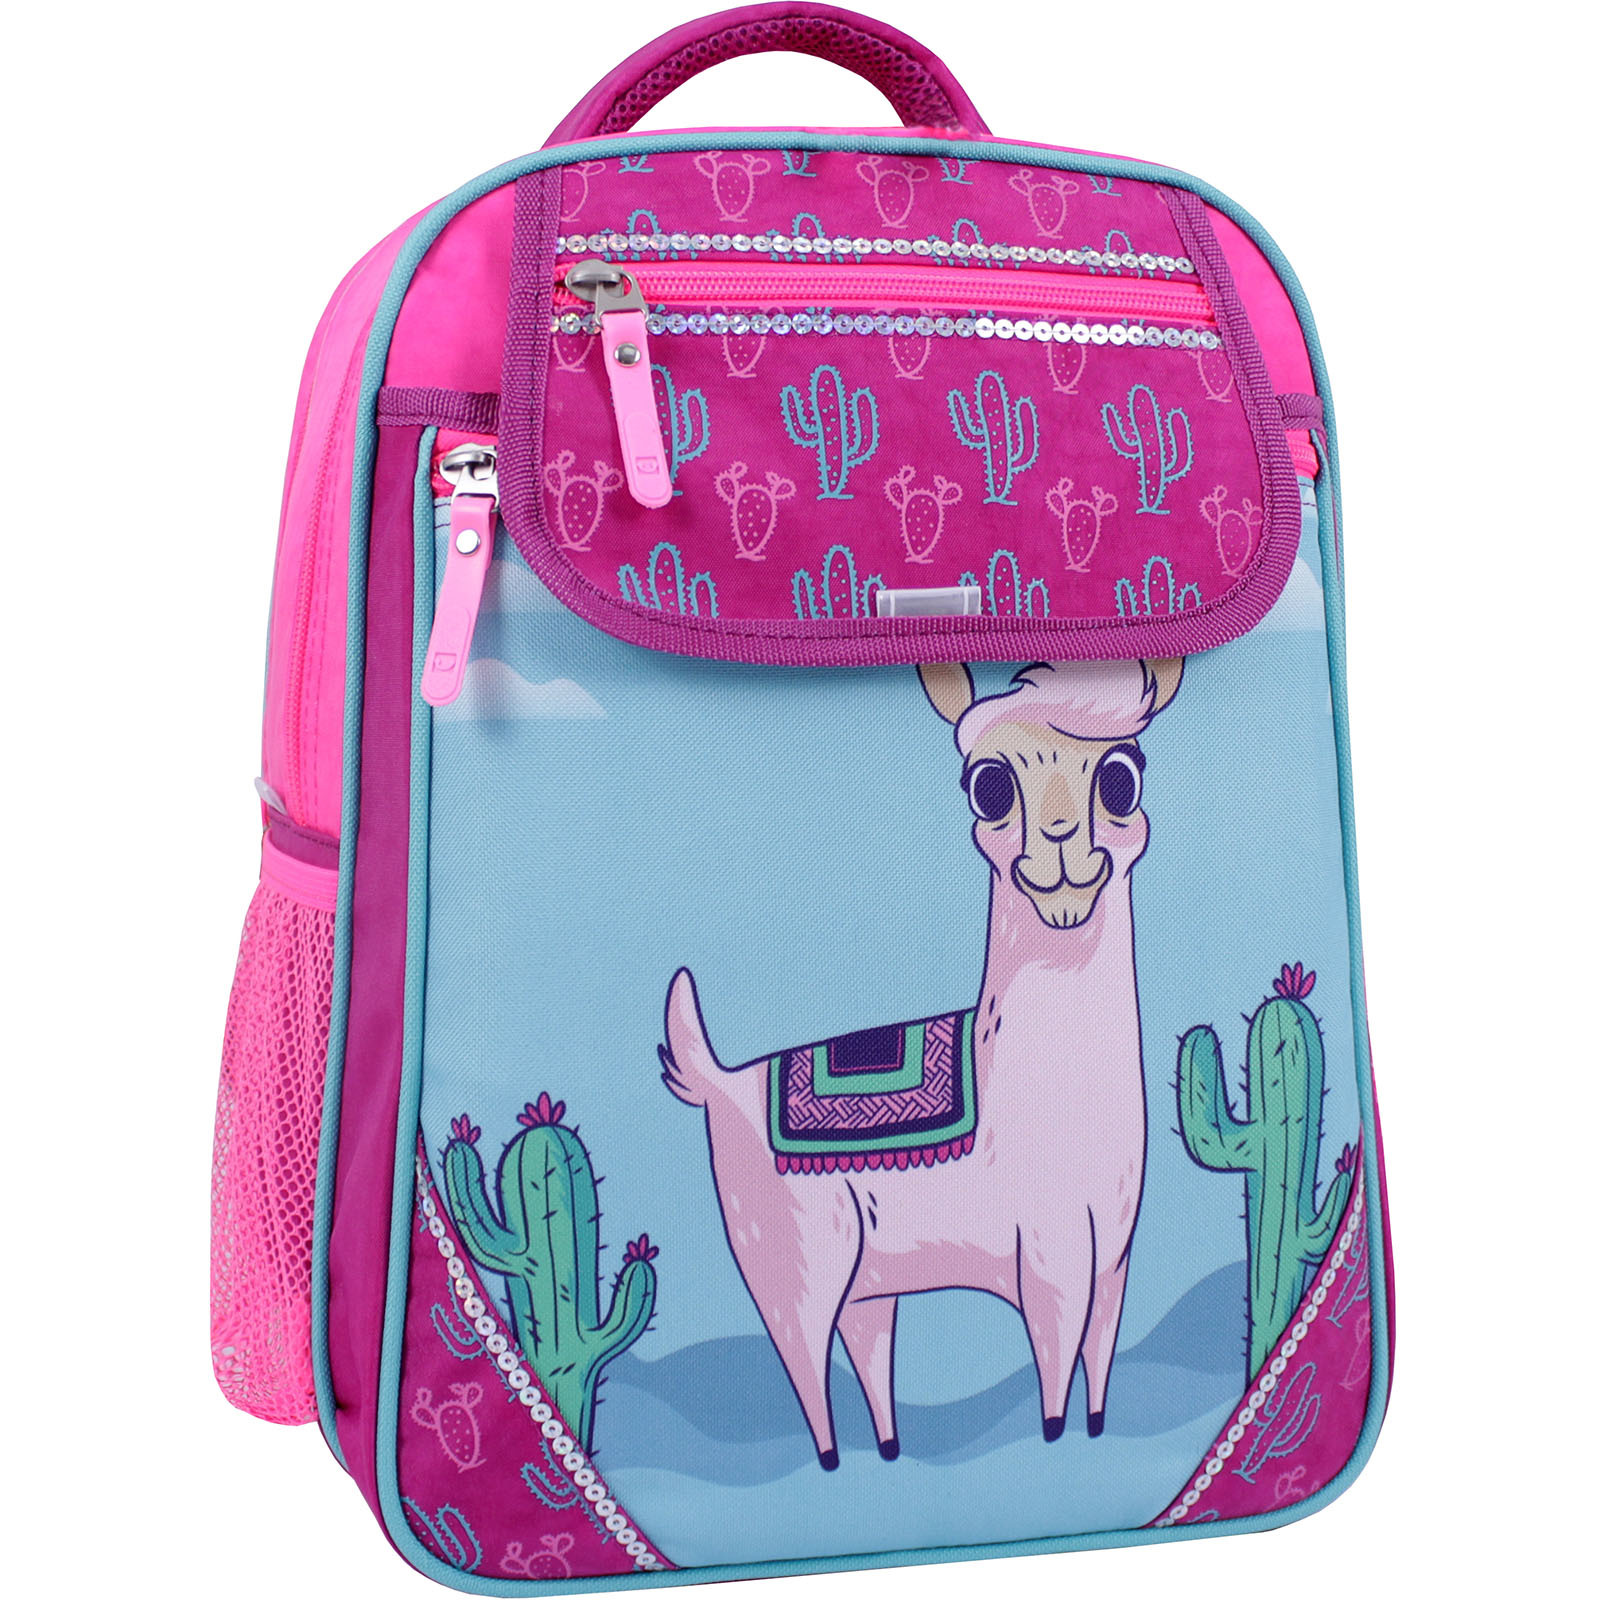 Рюкзак школьный Bagland Отличник 20 л. Малиновый 617 (0058070) фото 1